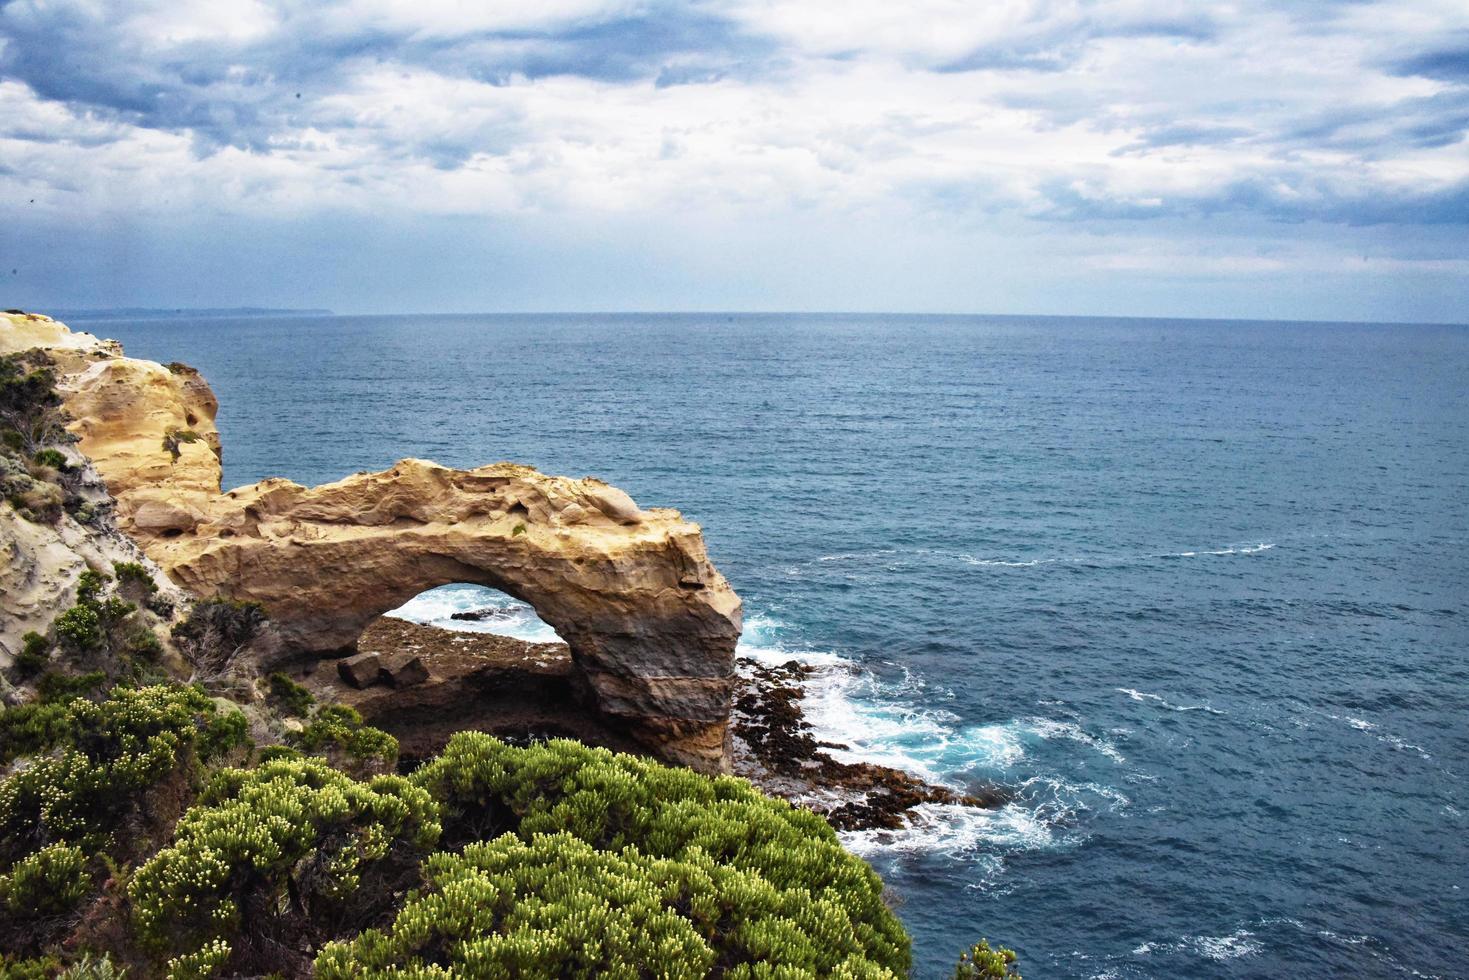 Felsformationen am Meer foto